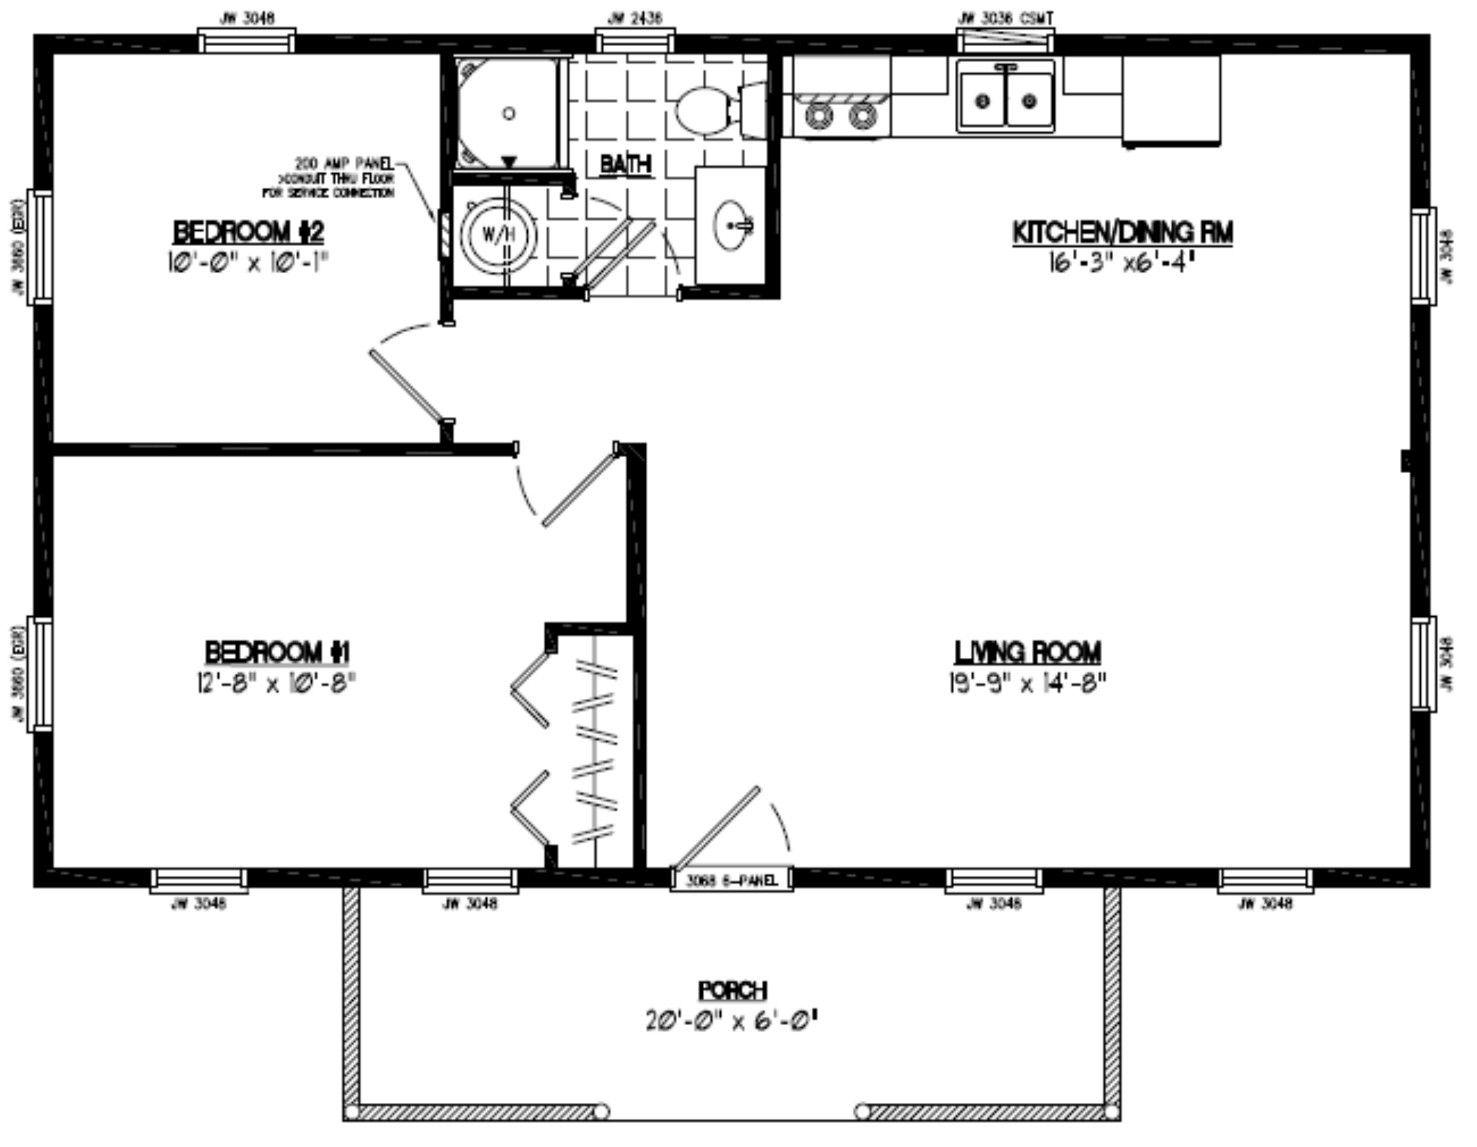 Image Result For 24x40 Floor Plans Cabin Floor Plans Two Bedroom Floor Plan Bedroom House Plans